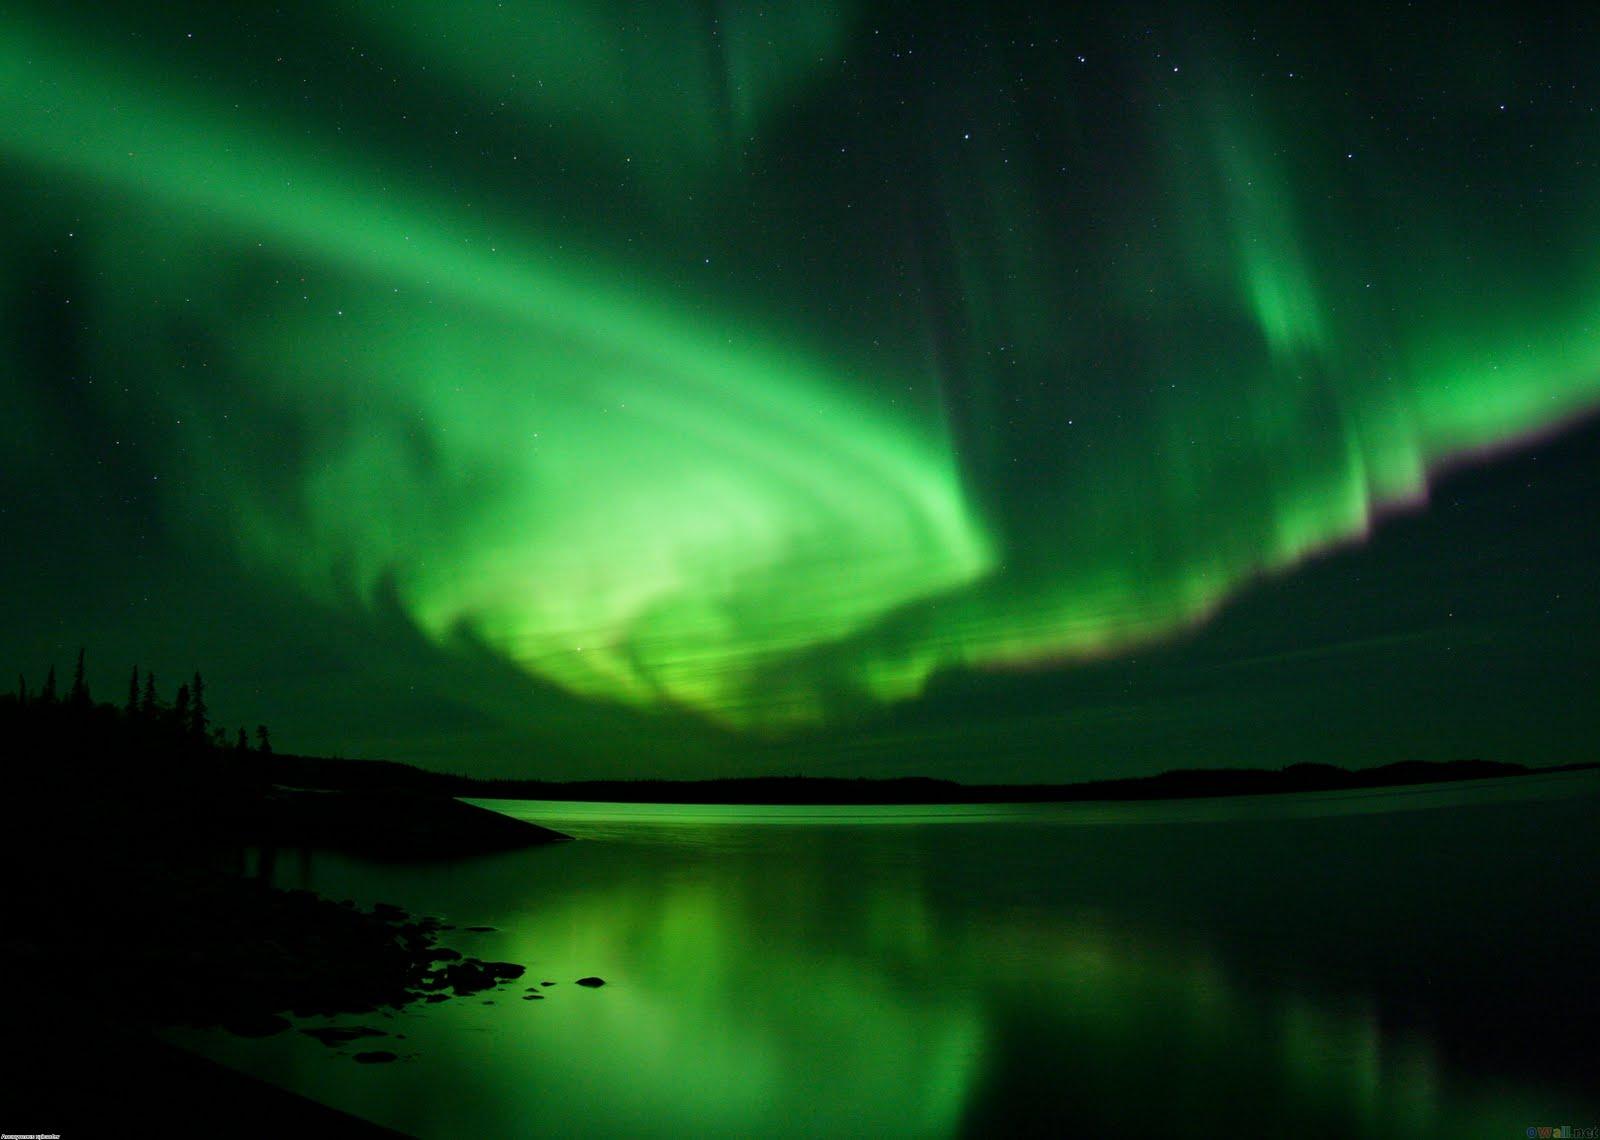 http://2.bp.blogspot.com/-5PBJ7oLa2HU/TiTiejt6WdI/AAAAAAAACEI/X6R6ae60qgY/s1600/aurora_borealis_4_3234x2304.jpg